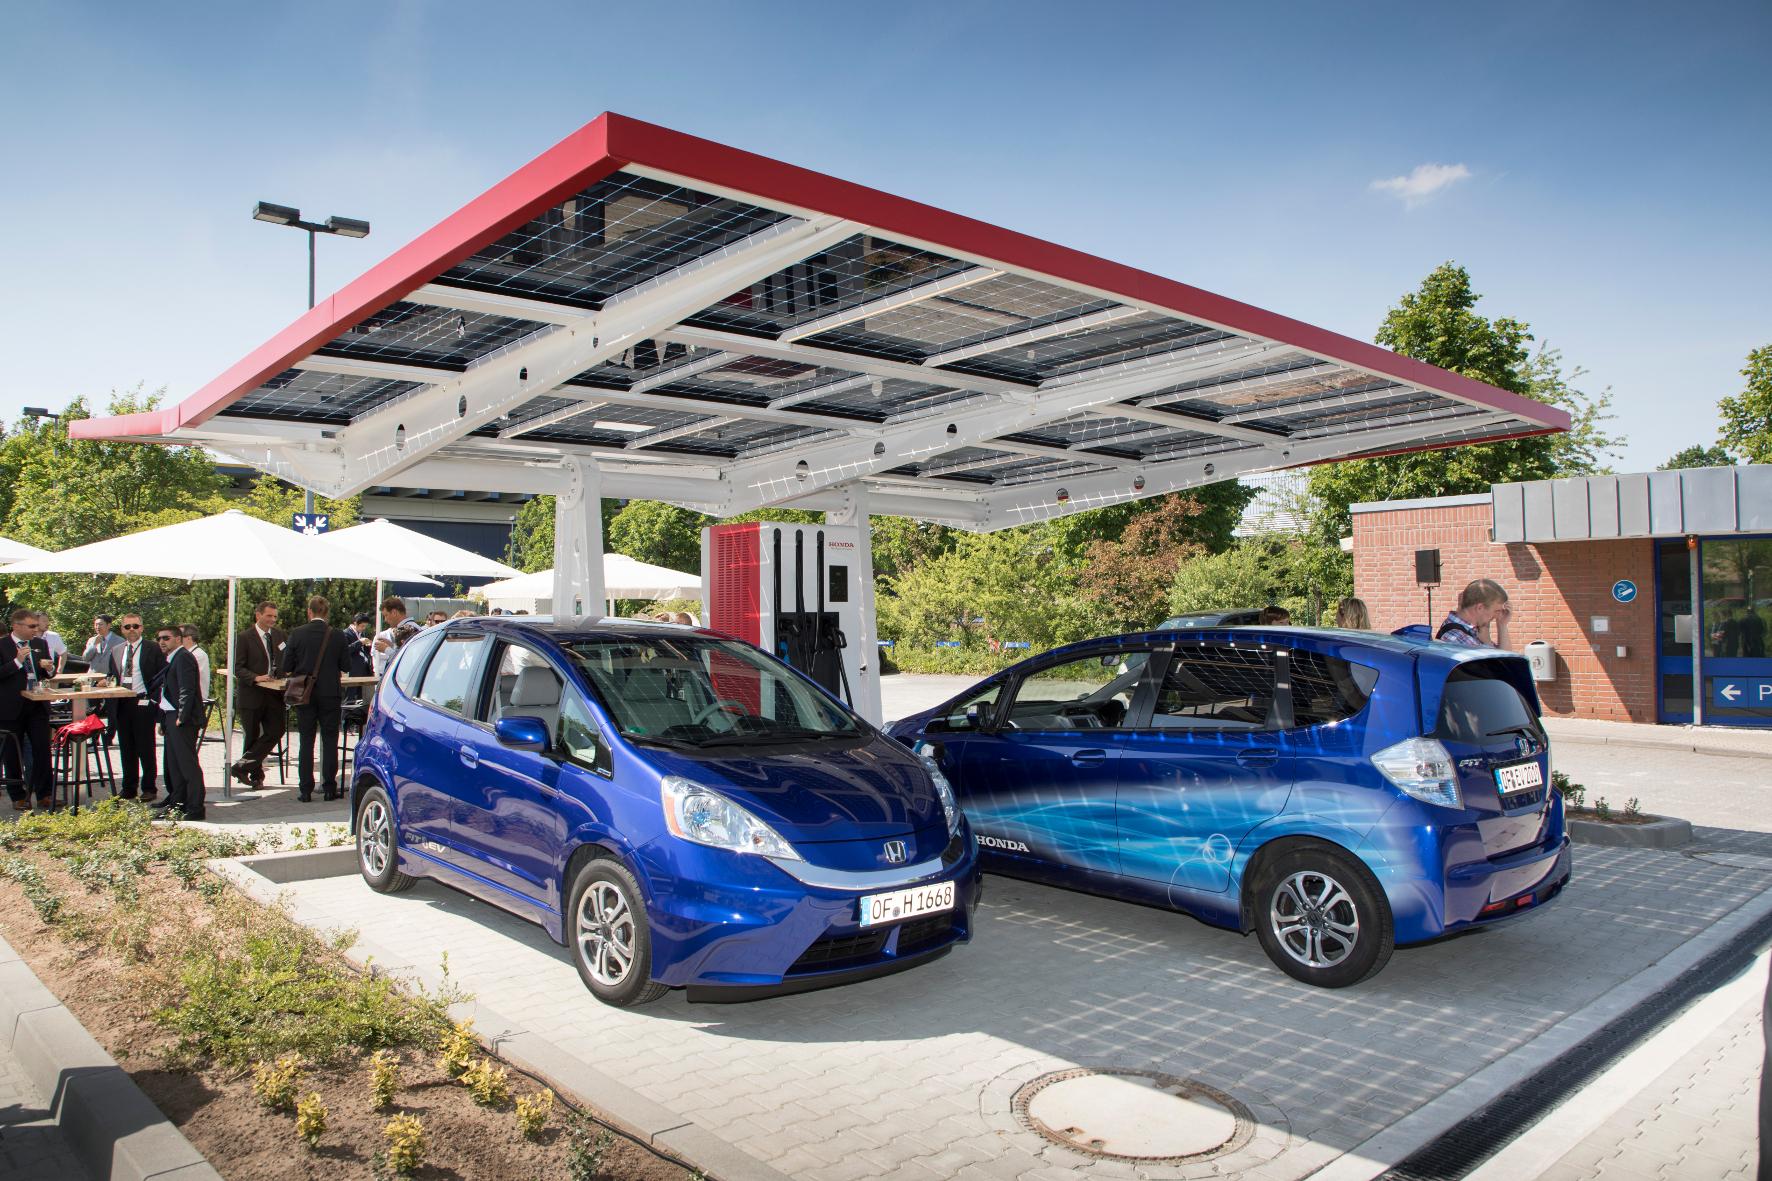 Kaufprämie für Elektroautos: Ein Jahr nach der Einführung ist die Bilanz ernüchternd